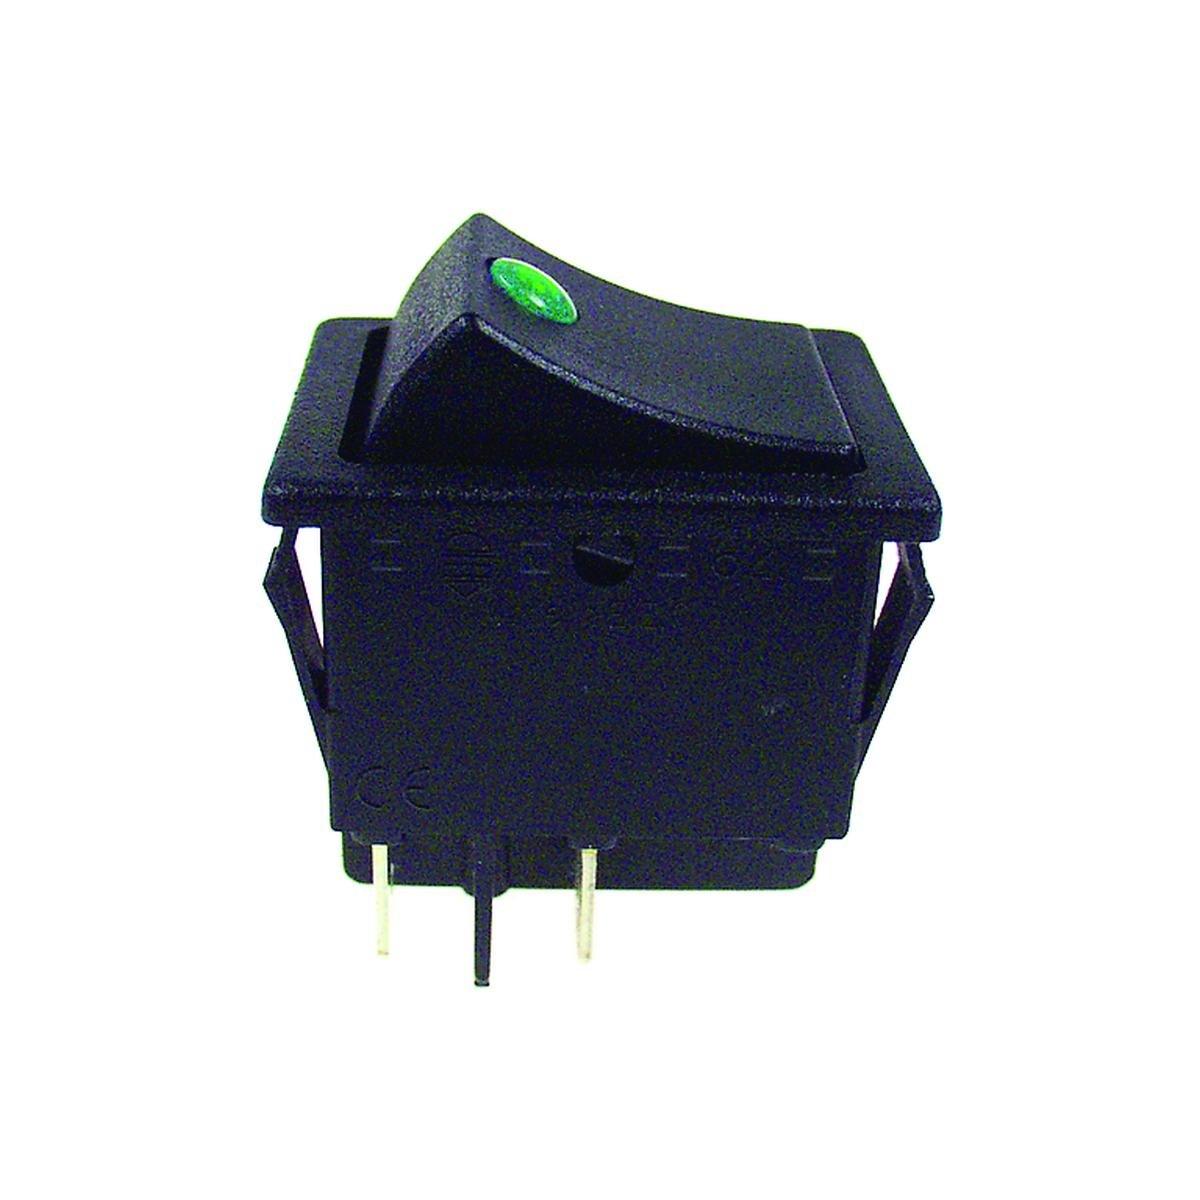 Dobbeltafbryder sort med grøn lysdiode 30 x 22 mm.